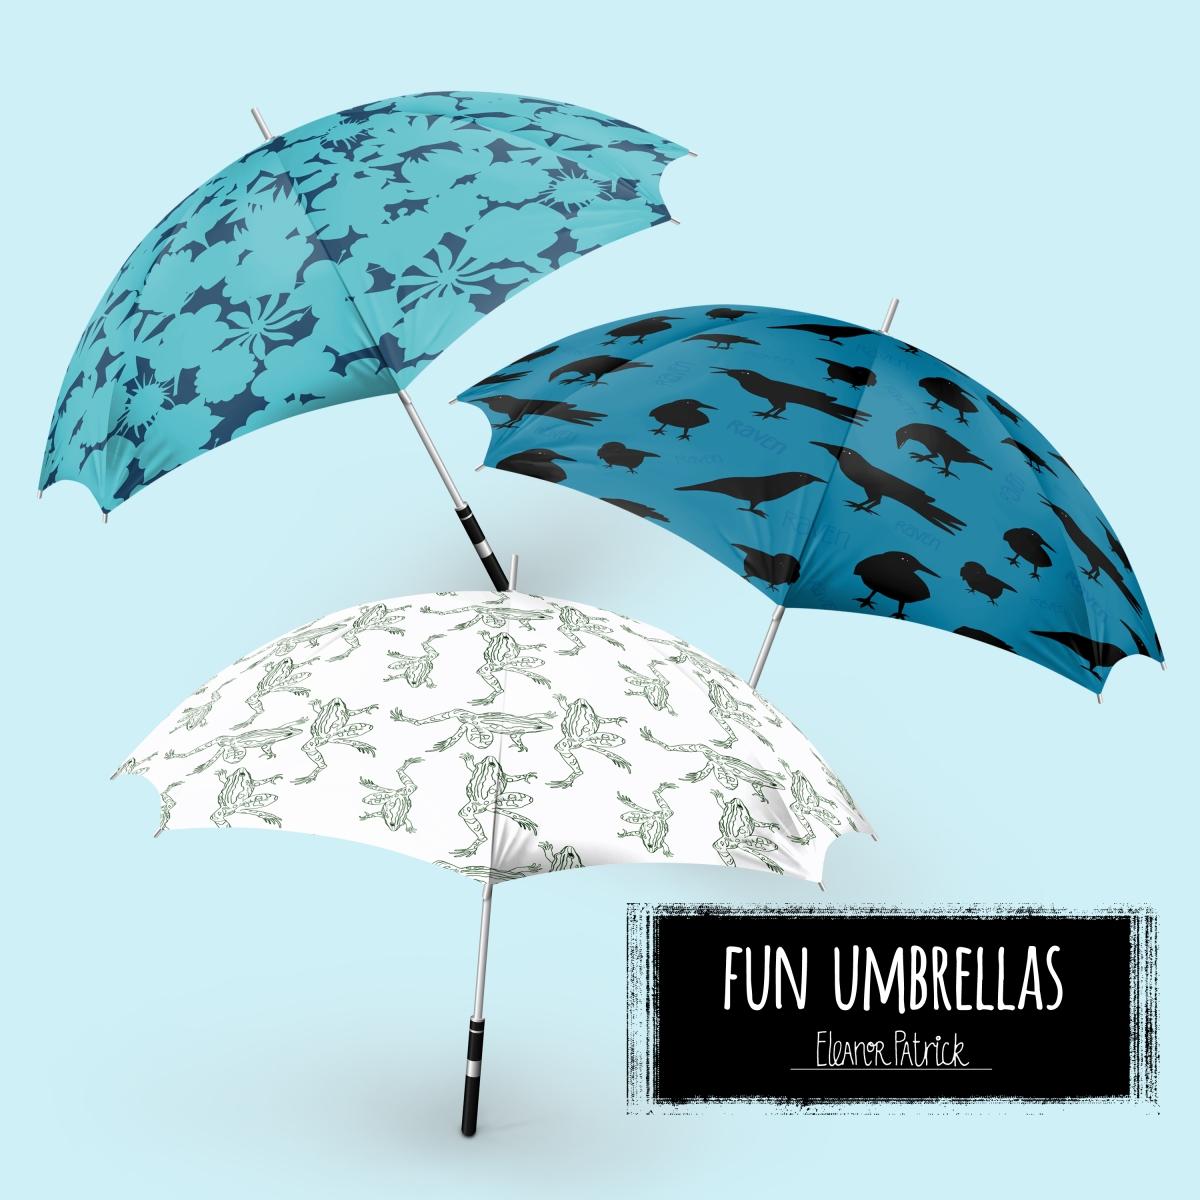 fun umbrellas